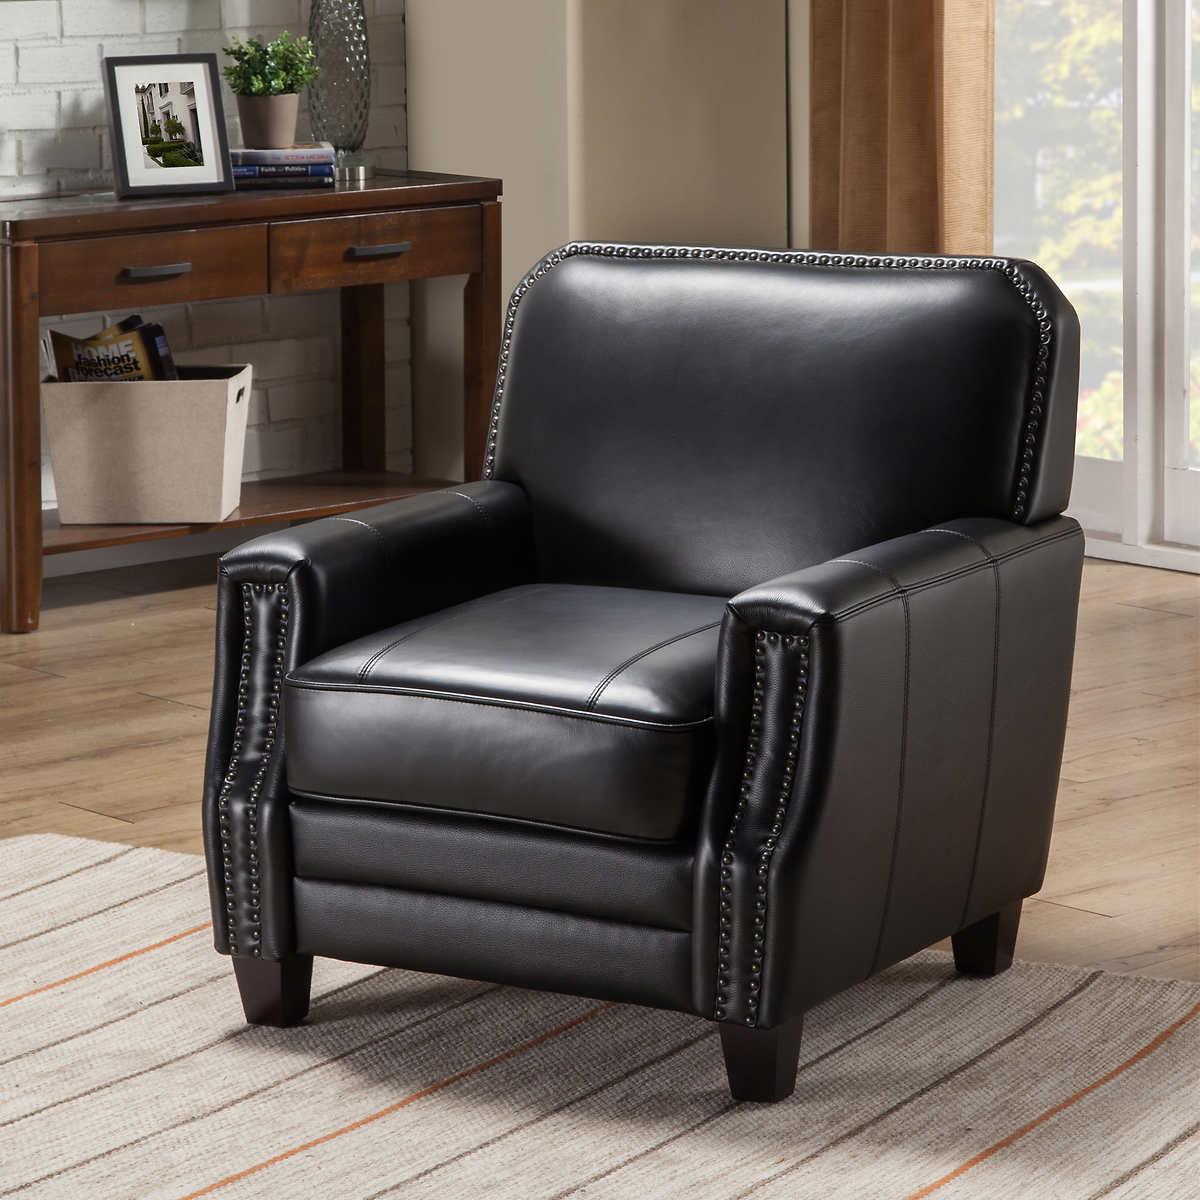 Club chair recliner - Hallandale Top Grain Leather Club Chair Black